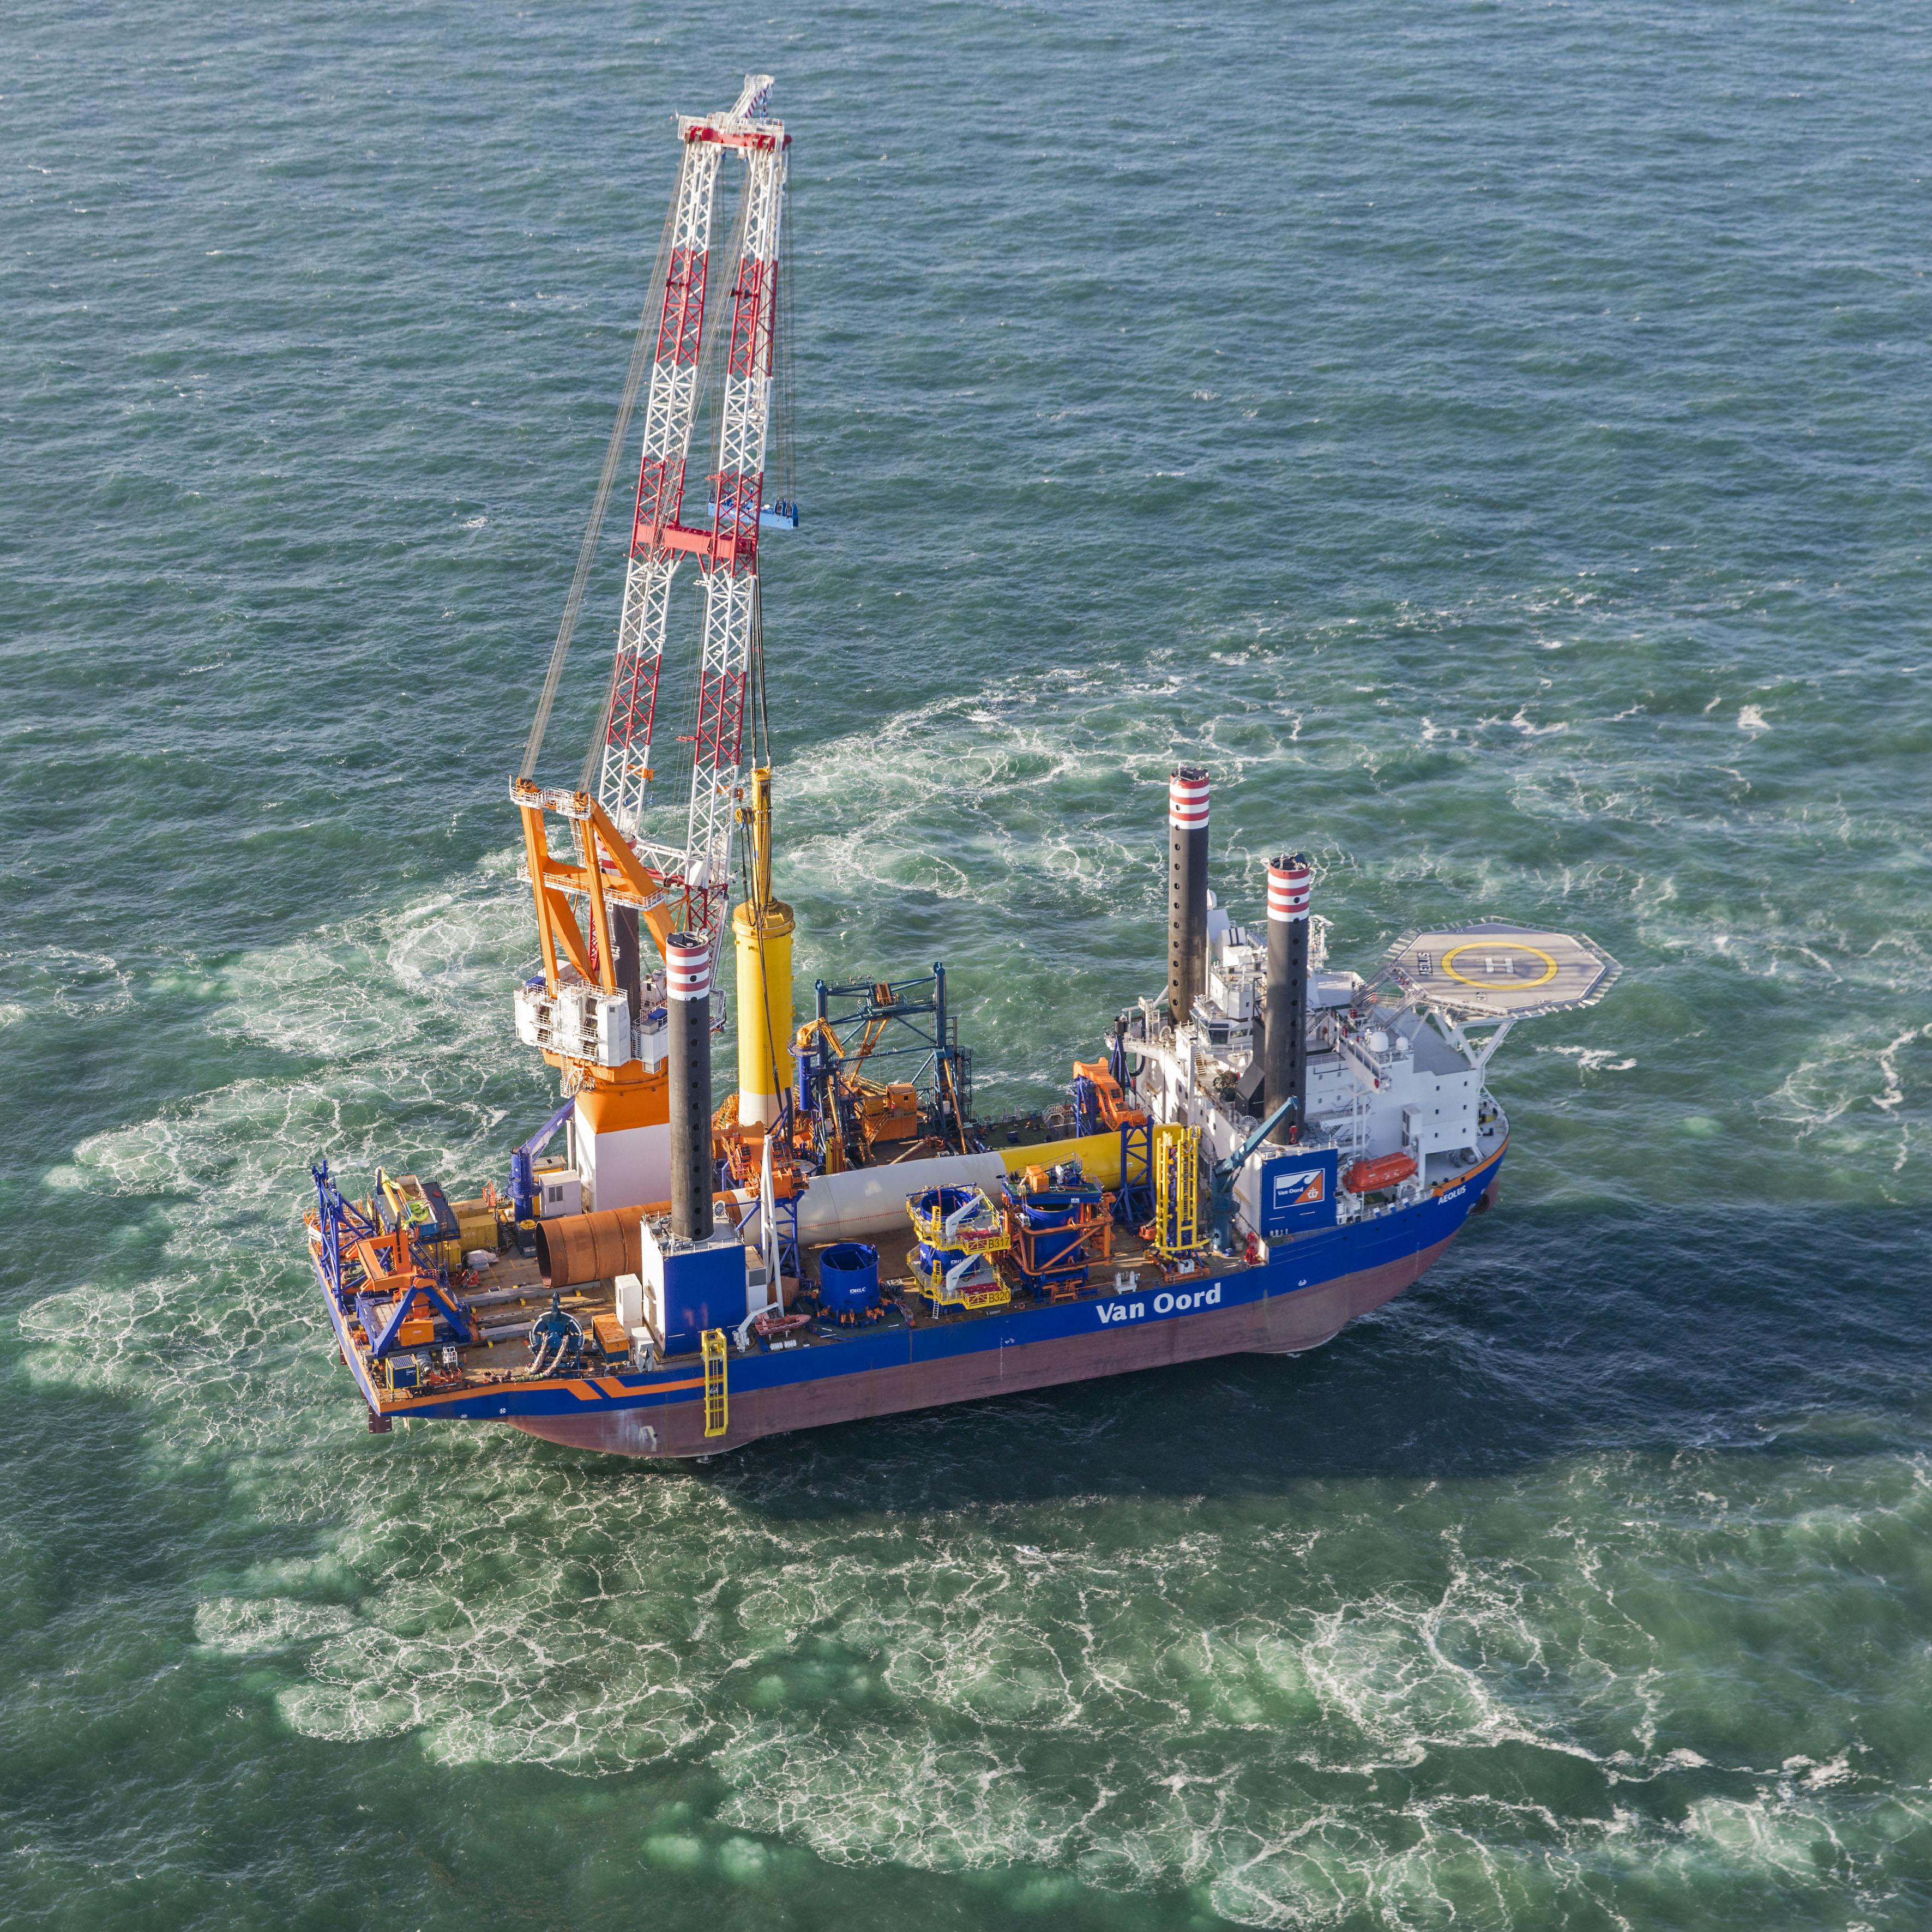 Offshore wind waait gunstig voor Van Oord